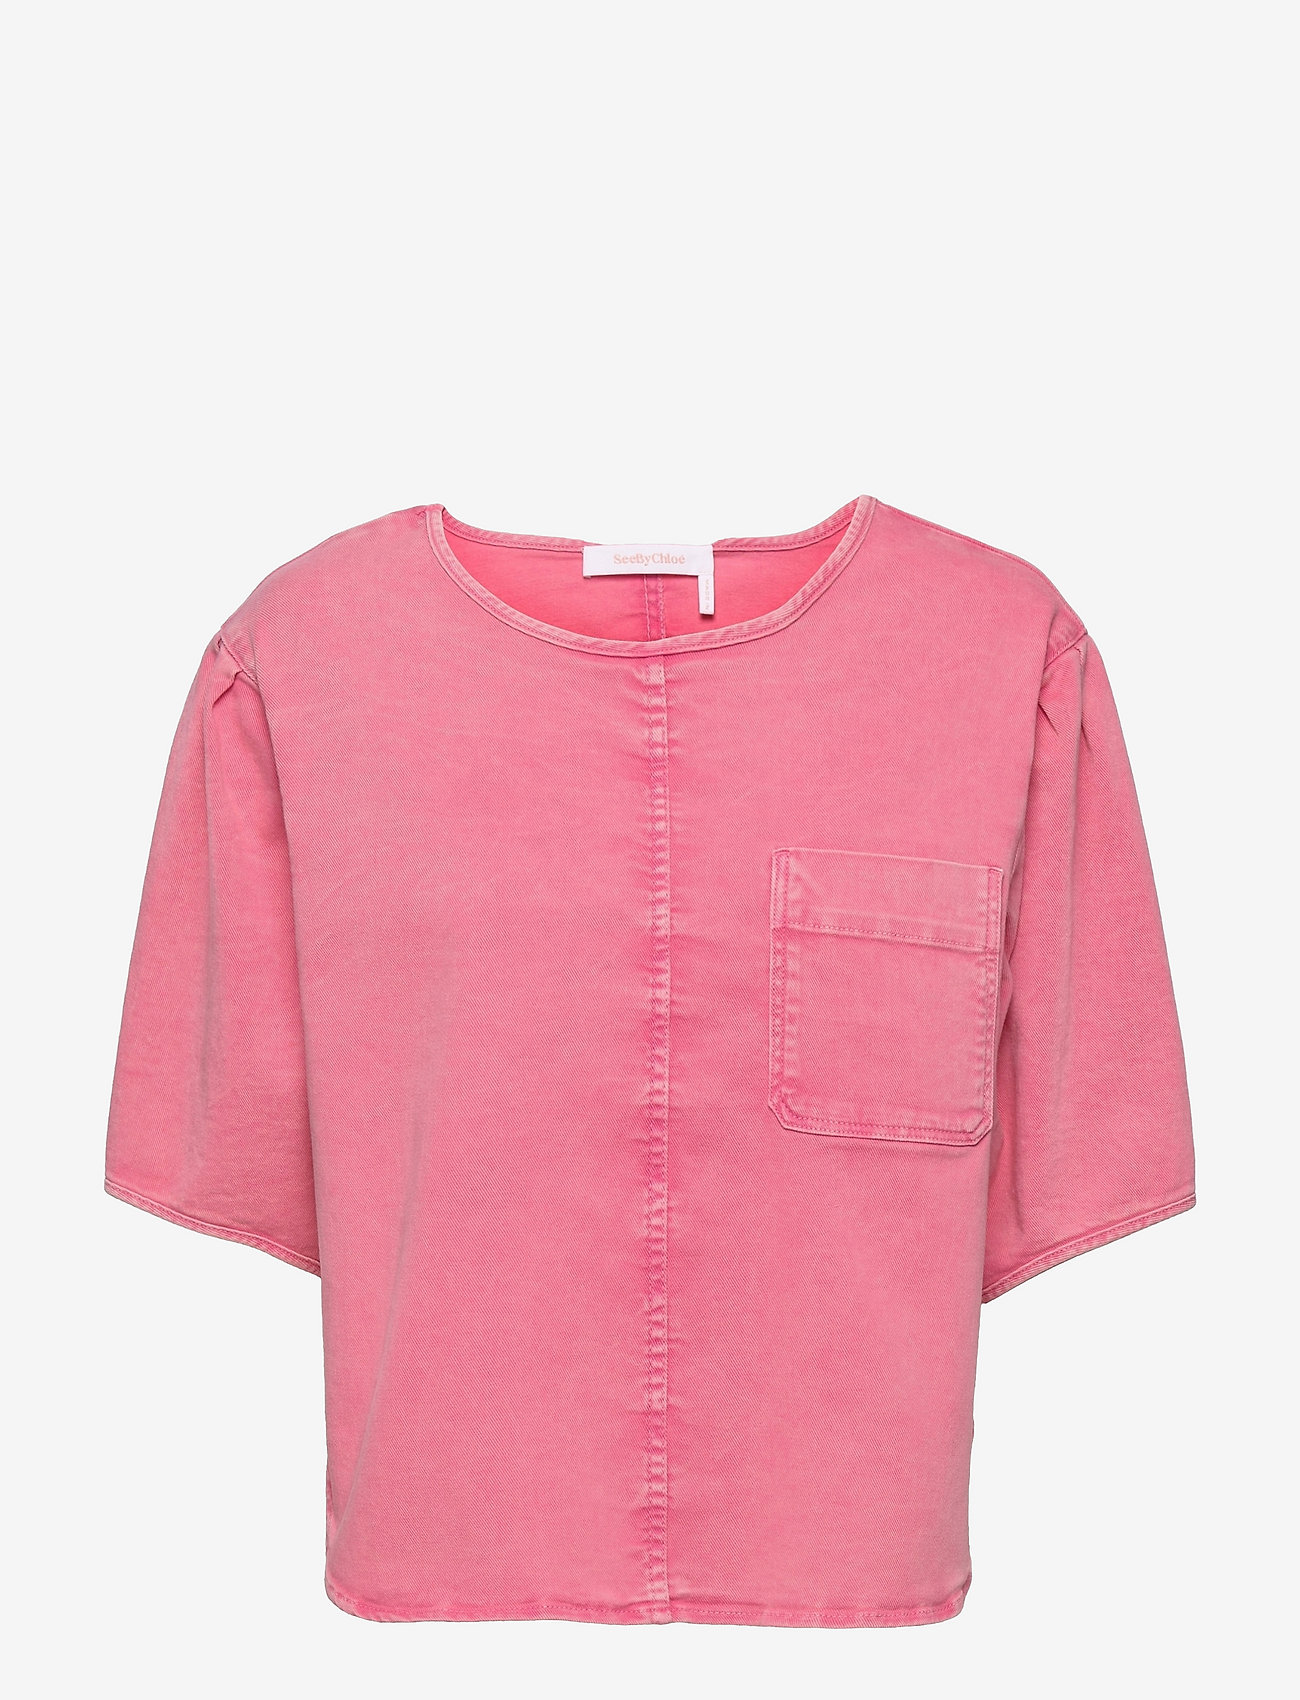 See by Chloé - TOP - blouses met korte mouwen - juicy pink - 0